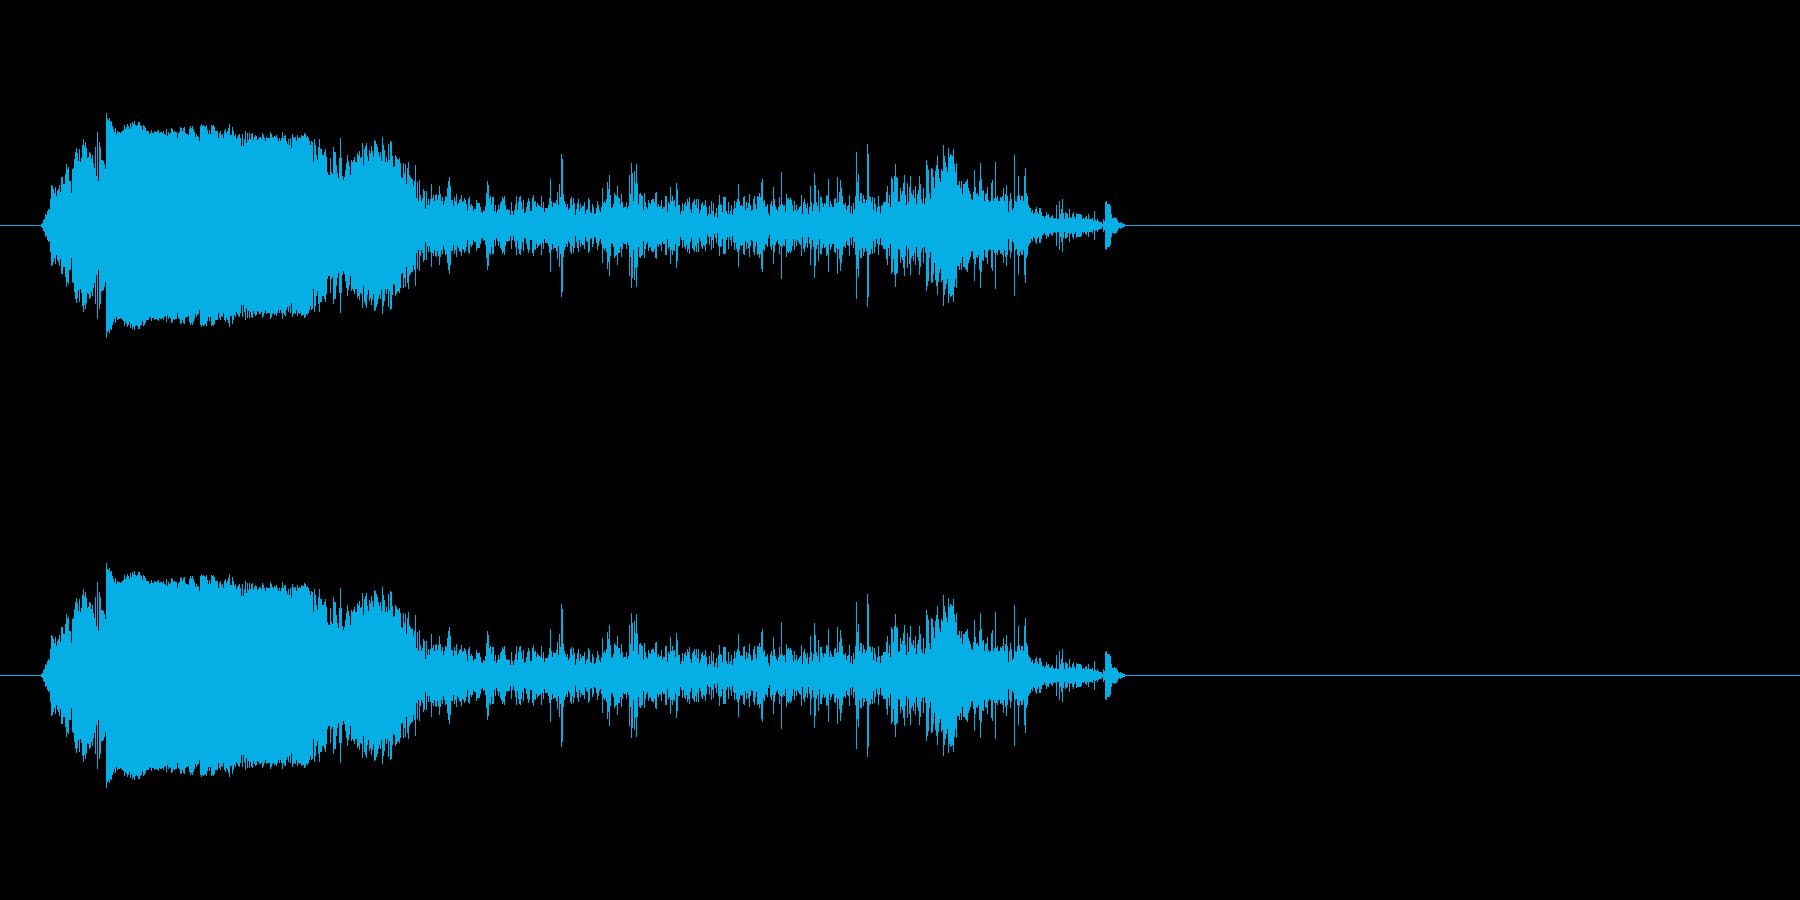 ガチャガチャ(鎖を使って攻撃する音)の再生済みの波形